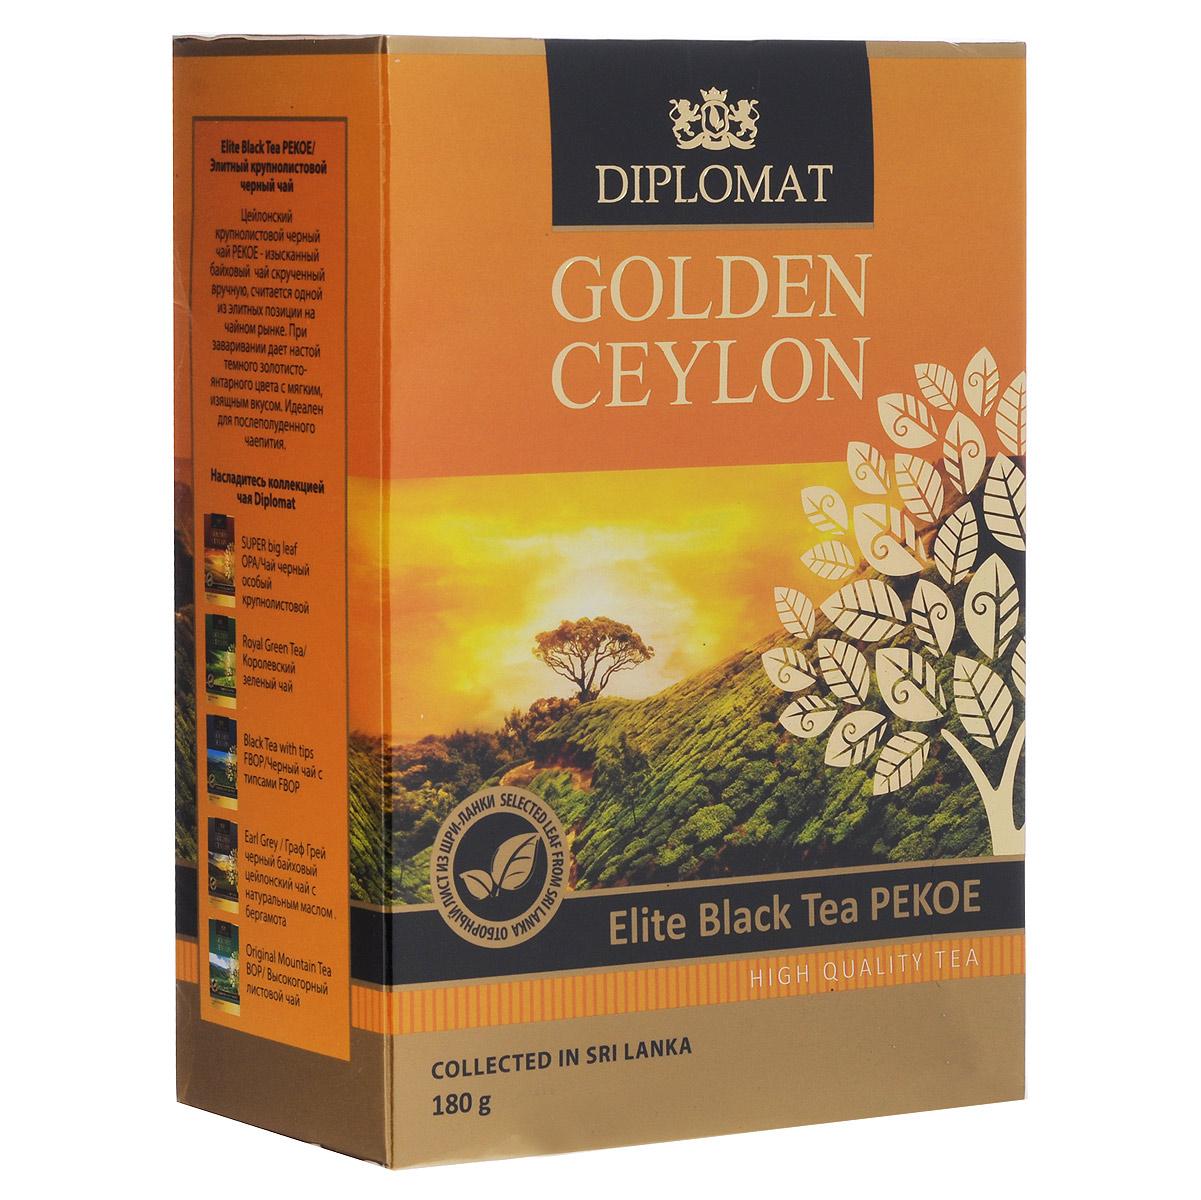 Diplomat Elite Black Tea PEKOE черный крупнолистовой чай, 180 г4623721121852Diplomat Elite Black Tea PEKOE - изысканный байховый чай скрученный вручную, считается одной из элитных позиции на чайном рынке. При заваривании дает настой темного золотисто-янтарного цвета с мягким, изящным вкусом. Идеален для послеполуденного чаепития.